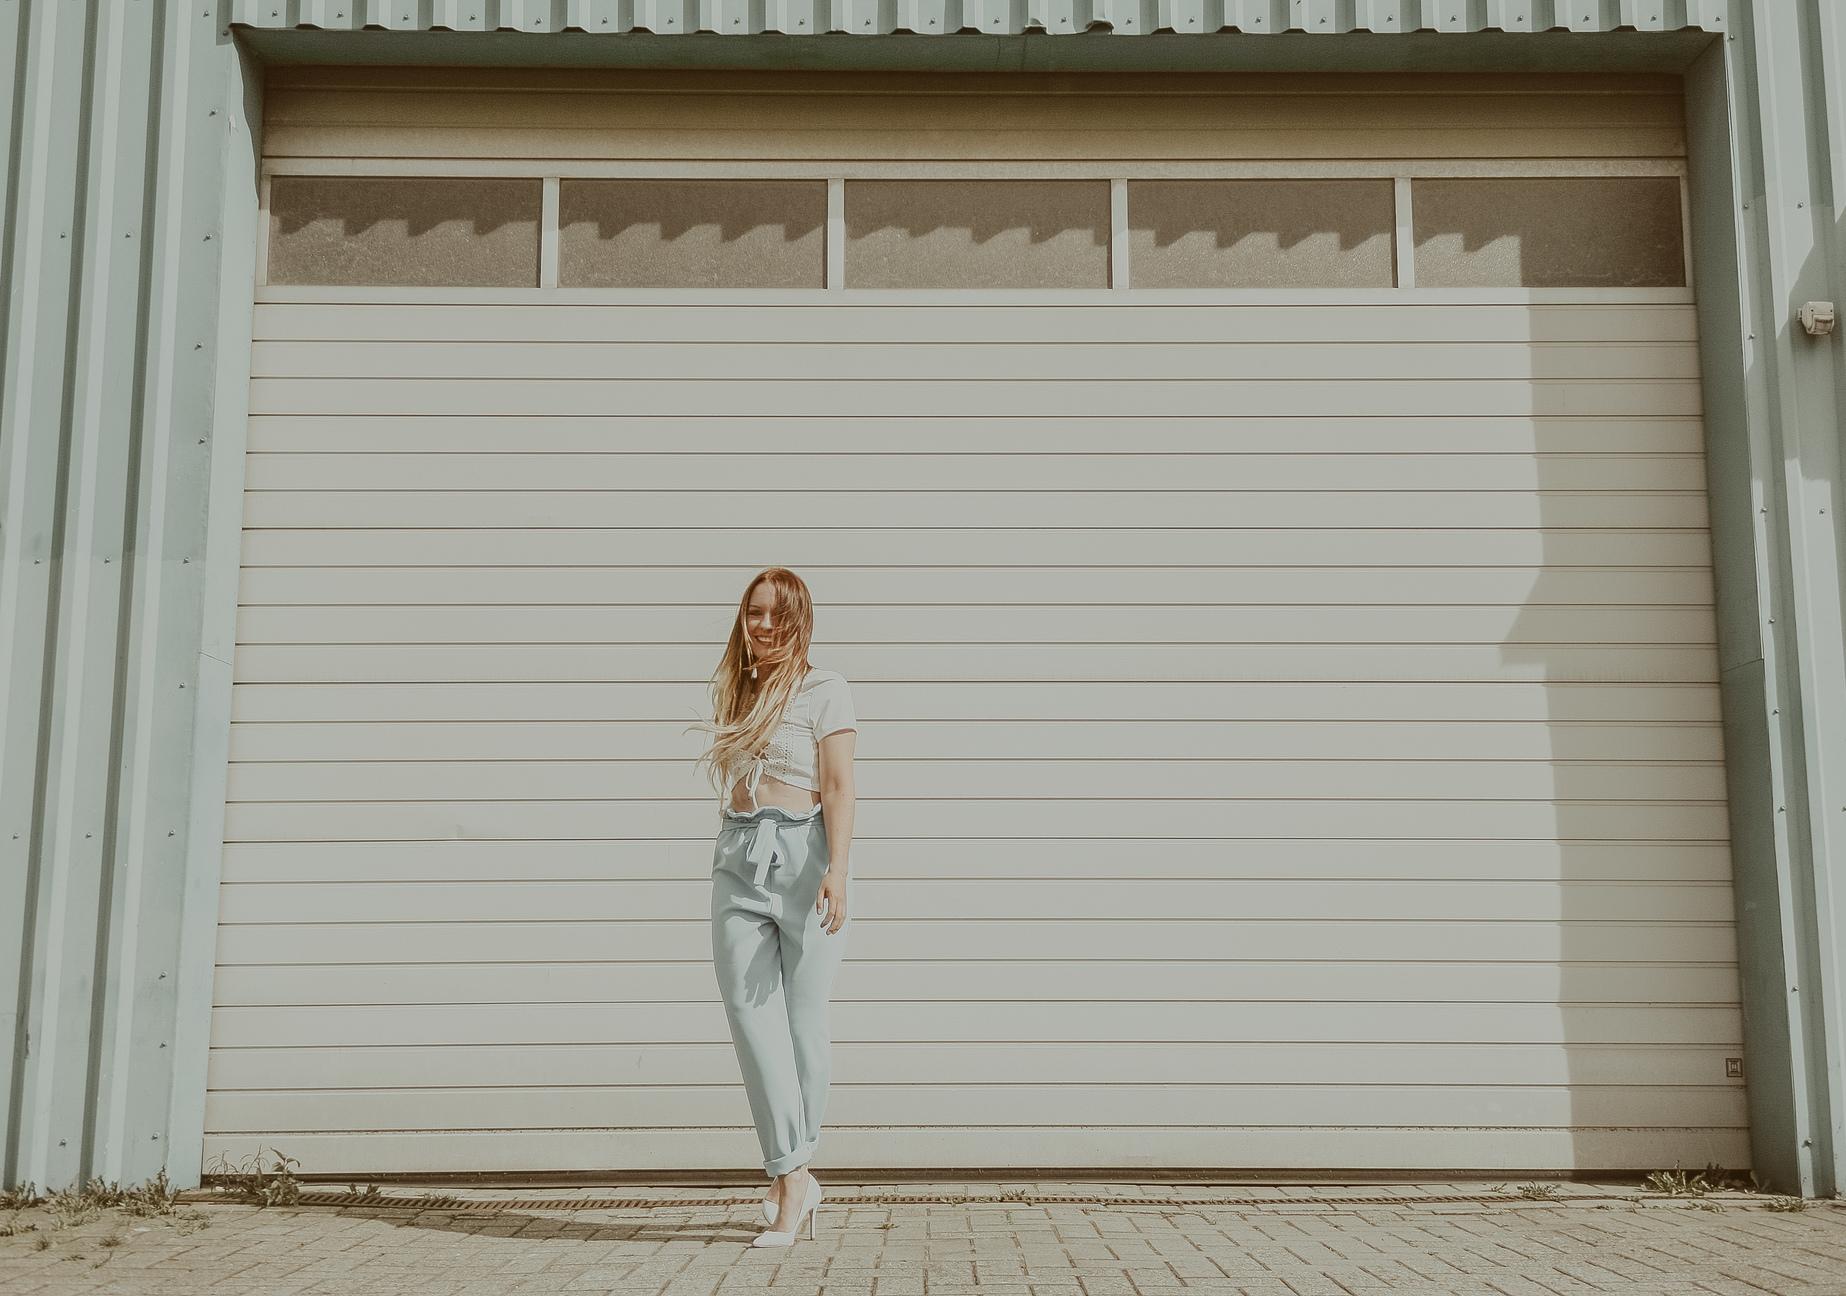 Pastel Summer Photoshoot with Kerstin Schauer photographed by  www.herprettybravesoul.com  in Osnabrück, Germany. Pastel, Summer, Sommer, Burda Style, Burda Style Germany, Paperbag Hose, Paperbag, Nähen, Nähbloggerin, Nähen macht glücklich, sewing, sewing blogger, Portraitfotografie, portraitphotography, pastel blue, white, extentions, girl, Niedersachsen, Münster, Dortmund, Bremen